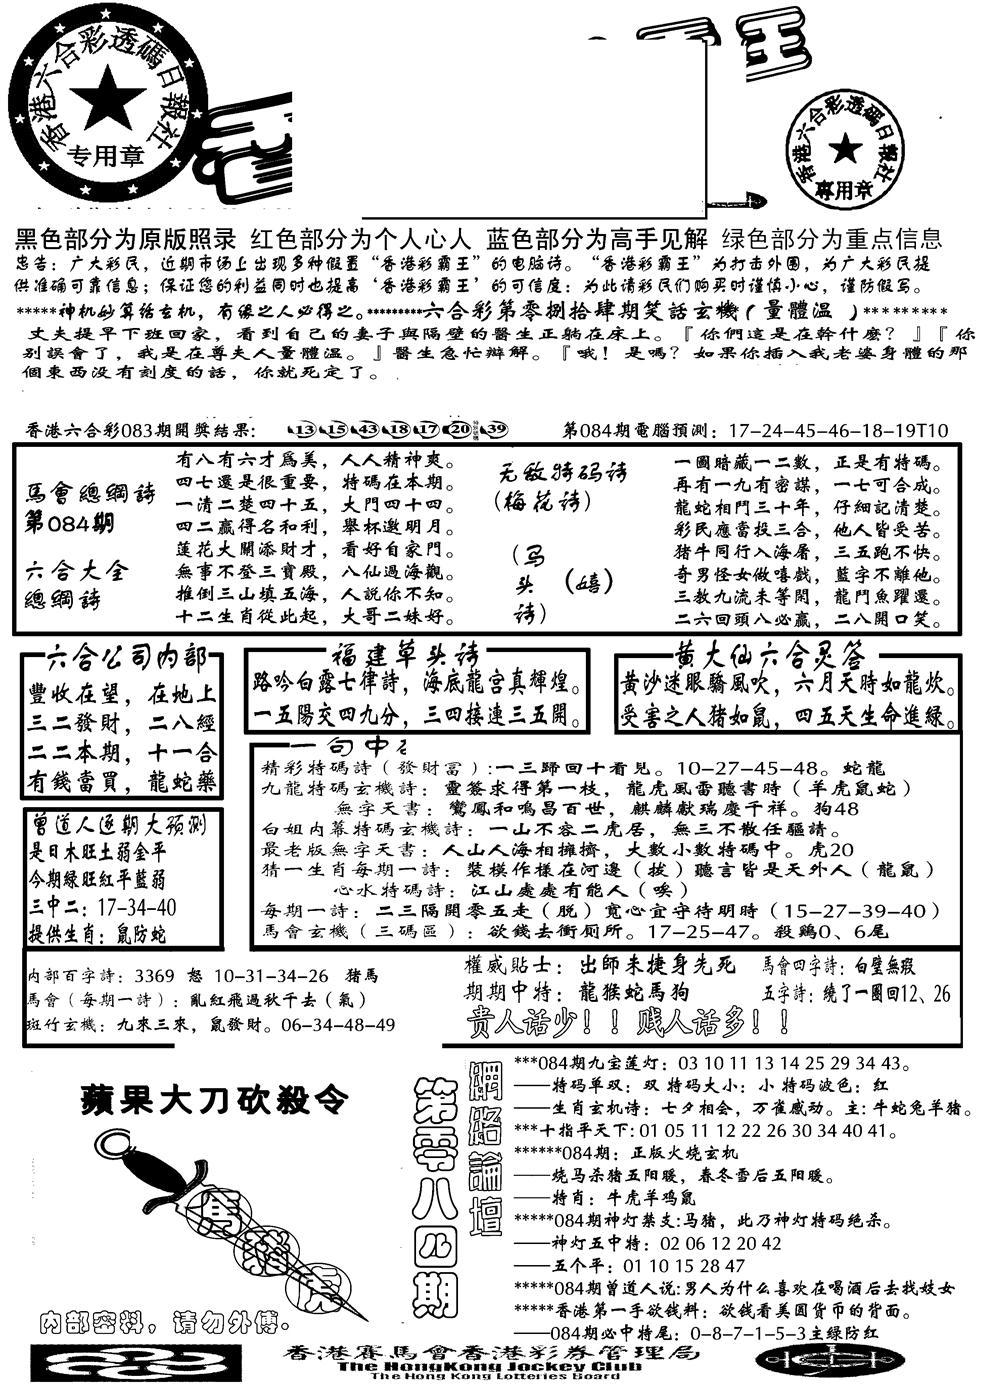 084期大刀彩霸王A(黑白)